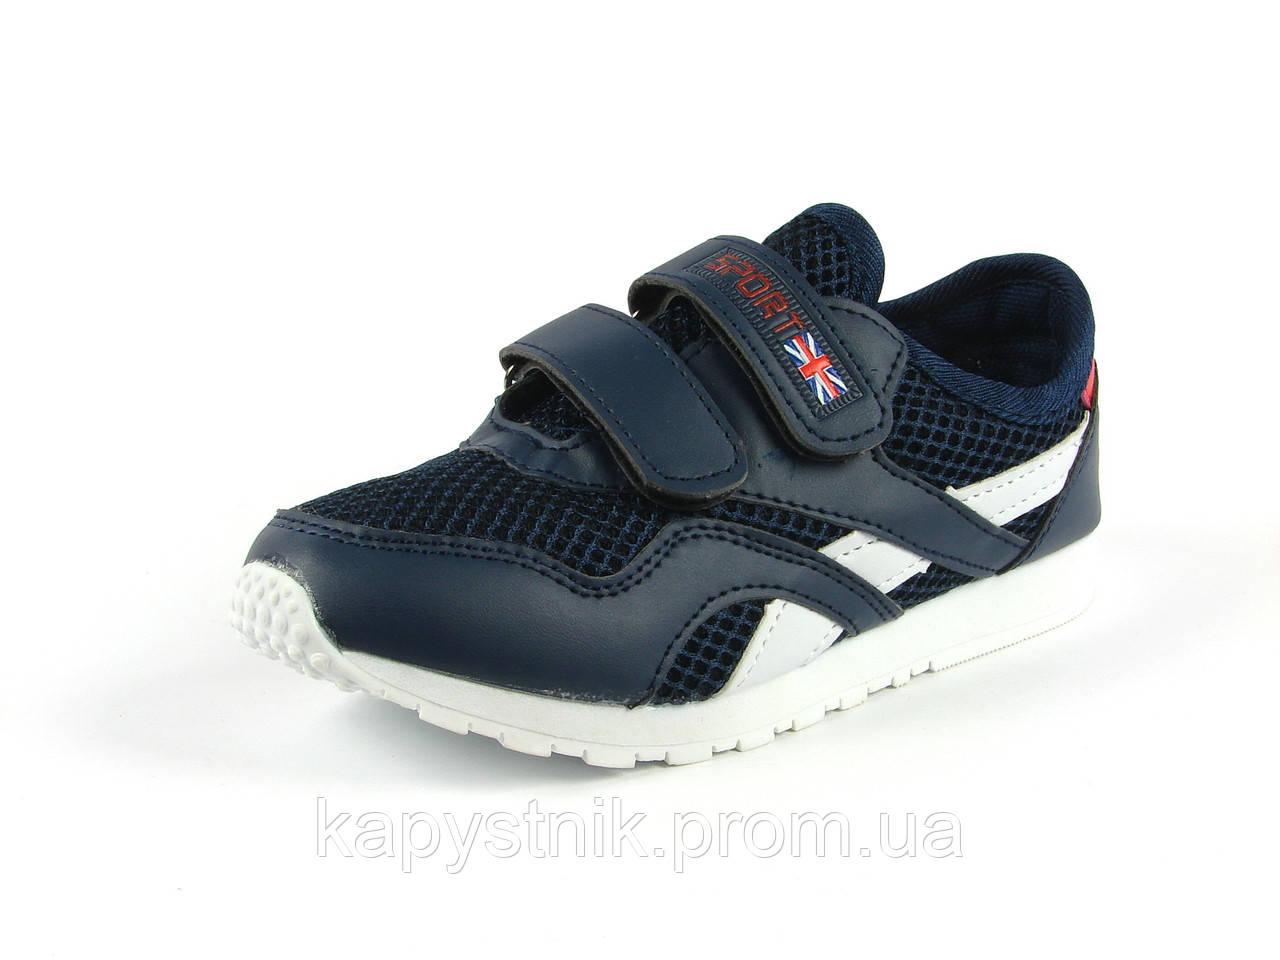 534b46ee0b98 Детские кроссовки для мальчика р.31-36 ТМ J G  C5123-1  продажа ...